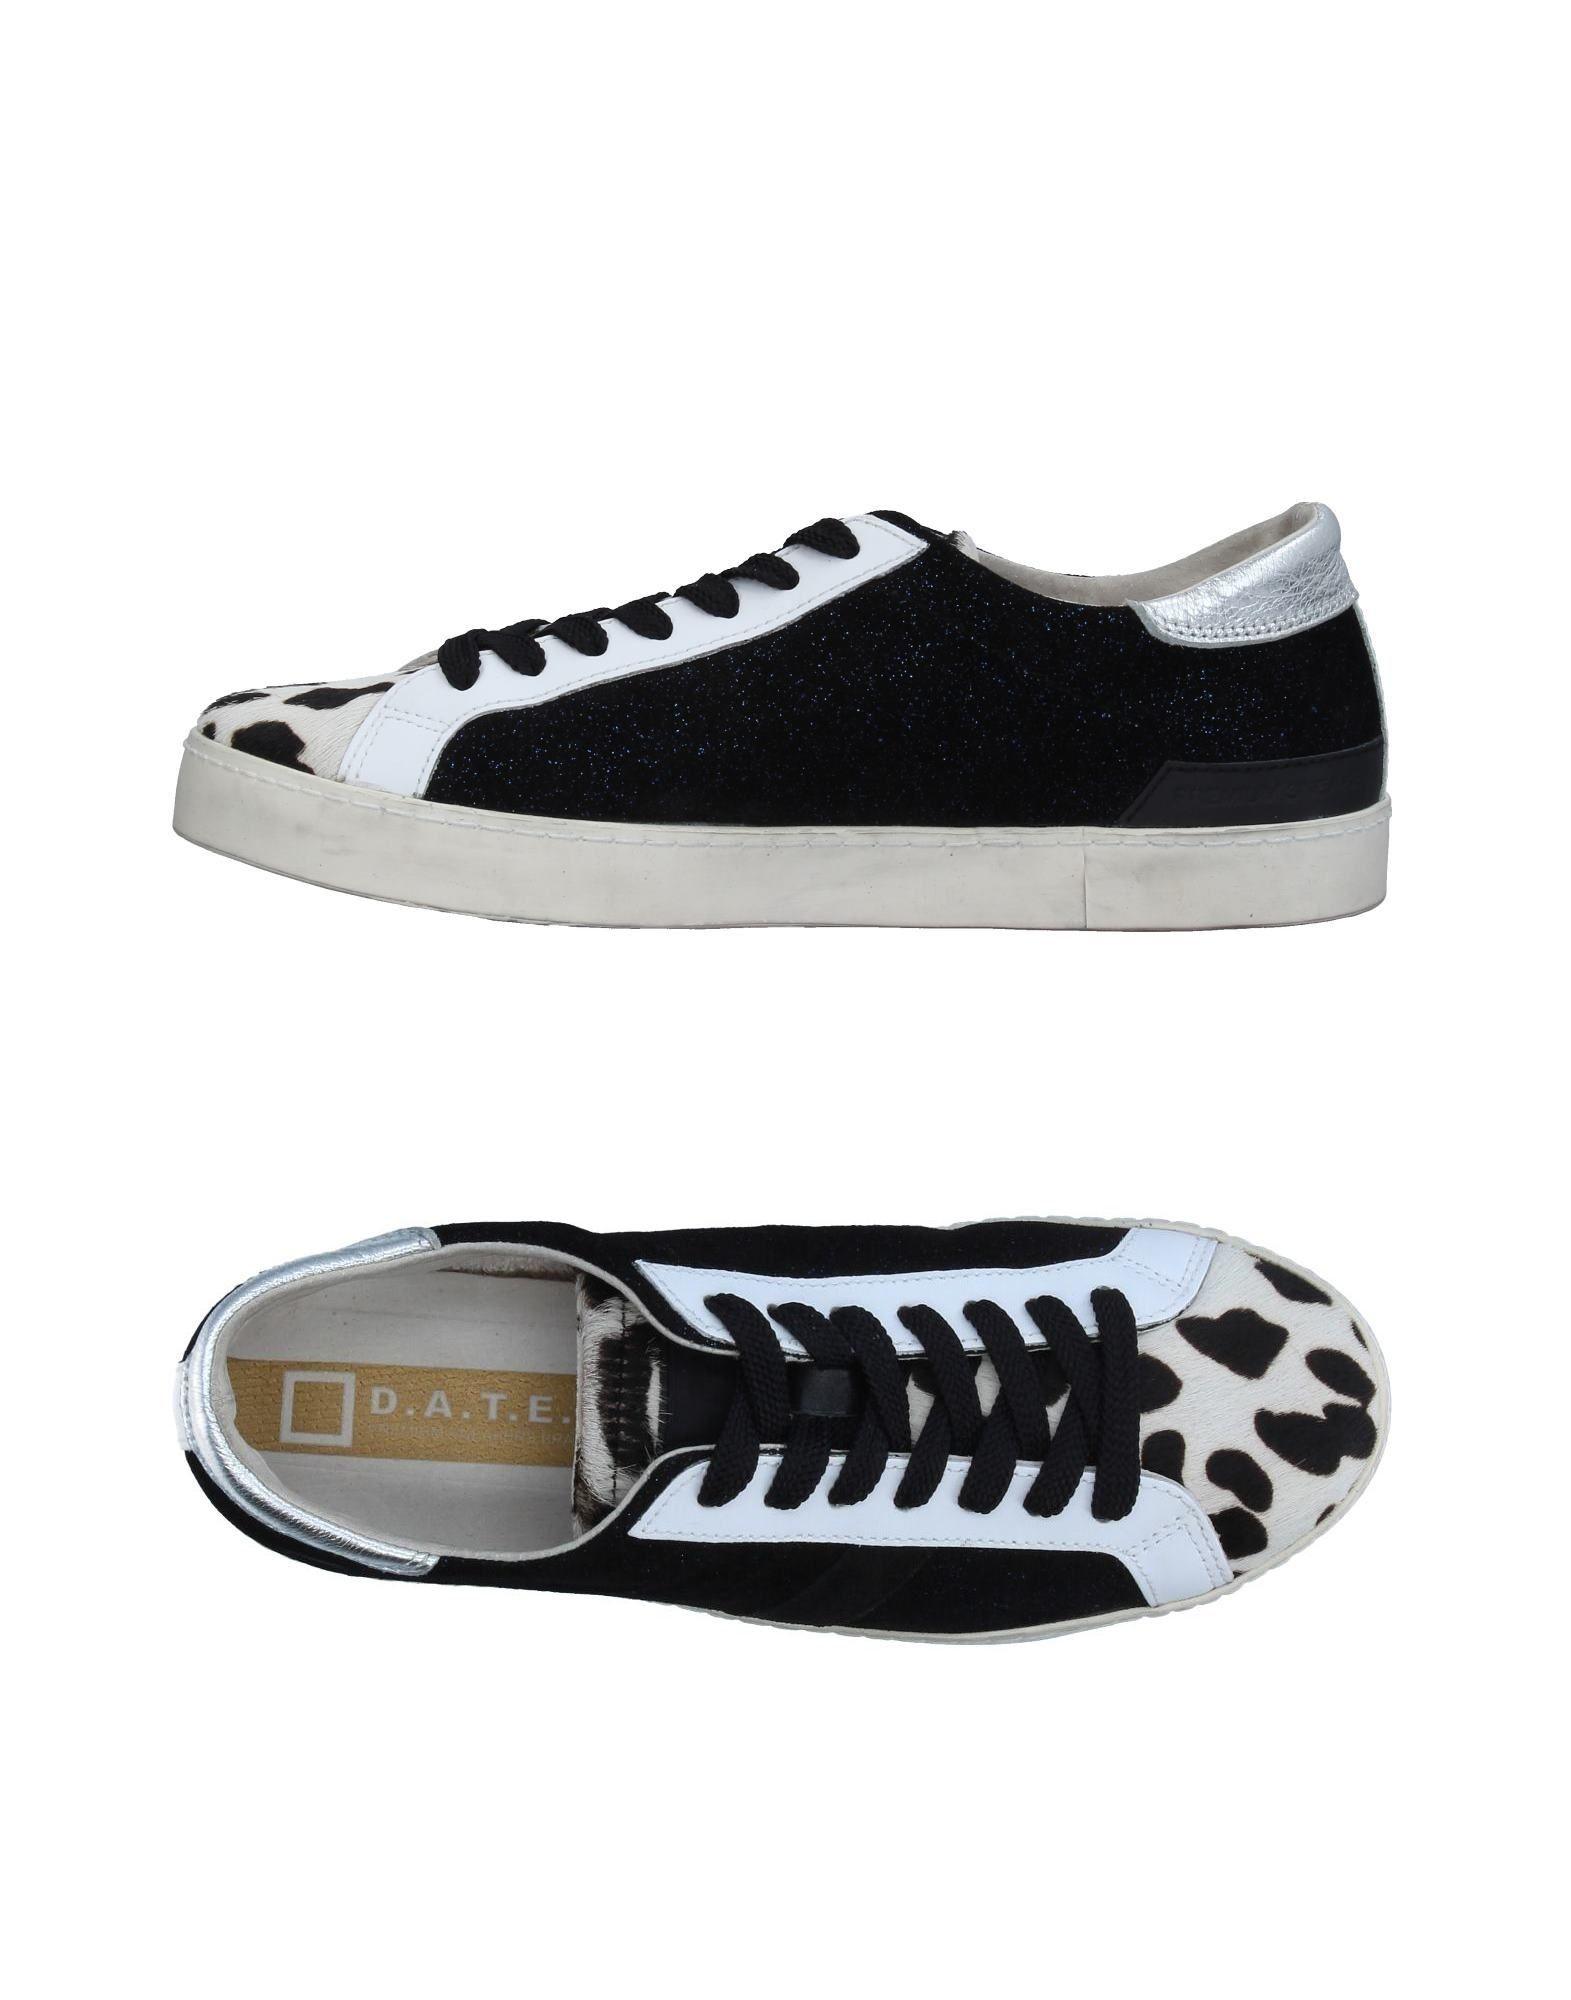 D.A.T.E. Sneakers Damen  11339616GT Gute Qualität beliebte Schuhe